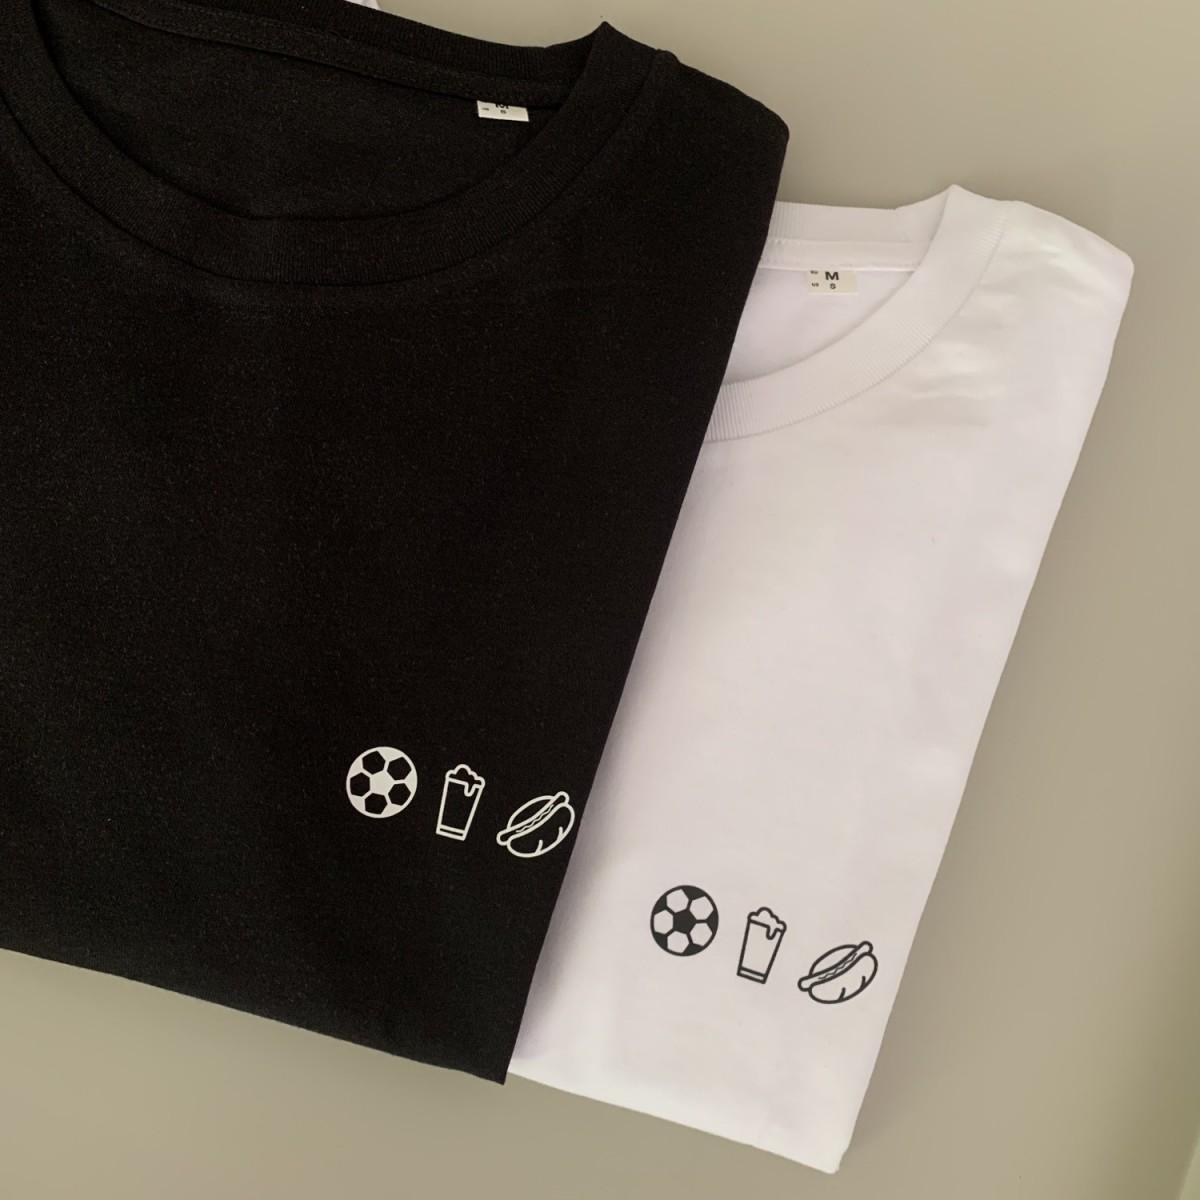 Charles / Shirt Fussball, Bier, Bratwurst / 100% Biobaumwolle / Fair Wear zertifiziert